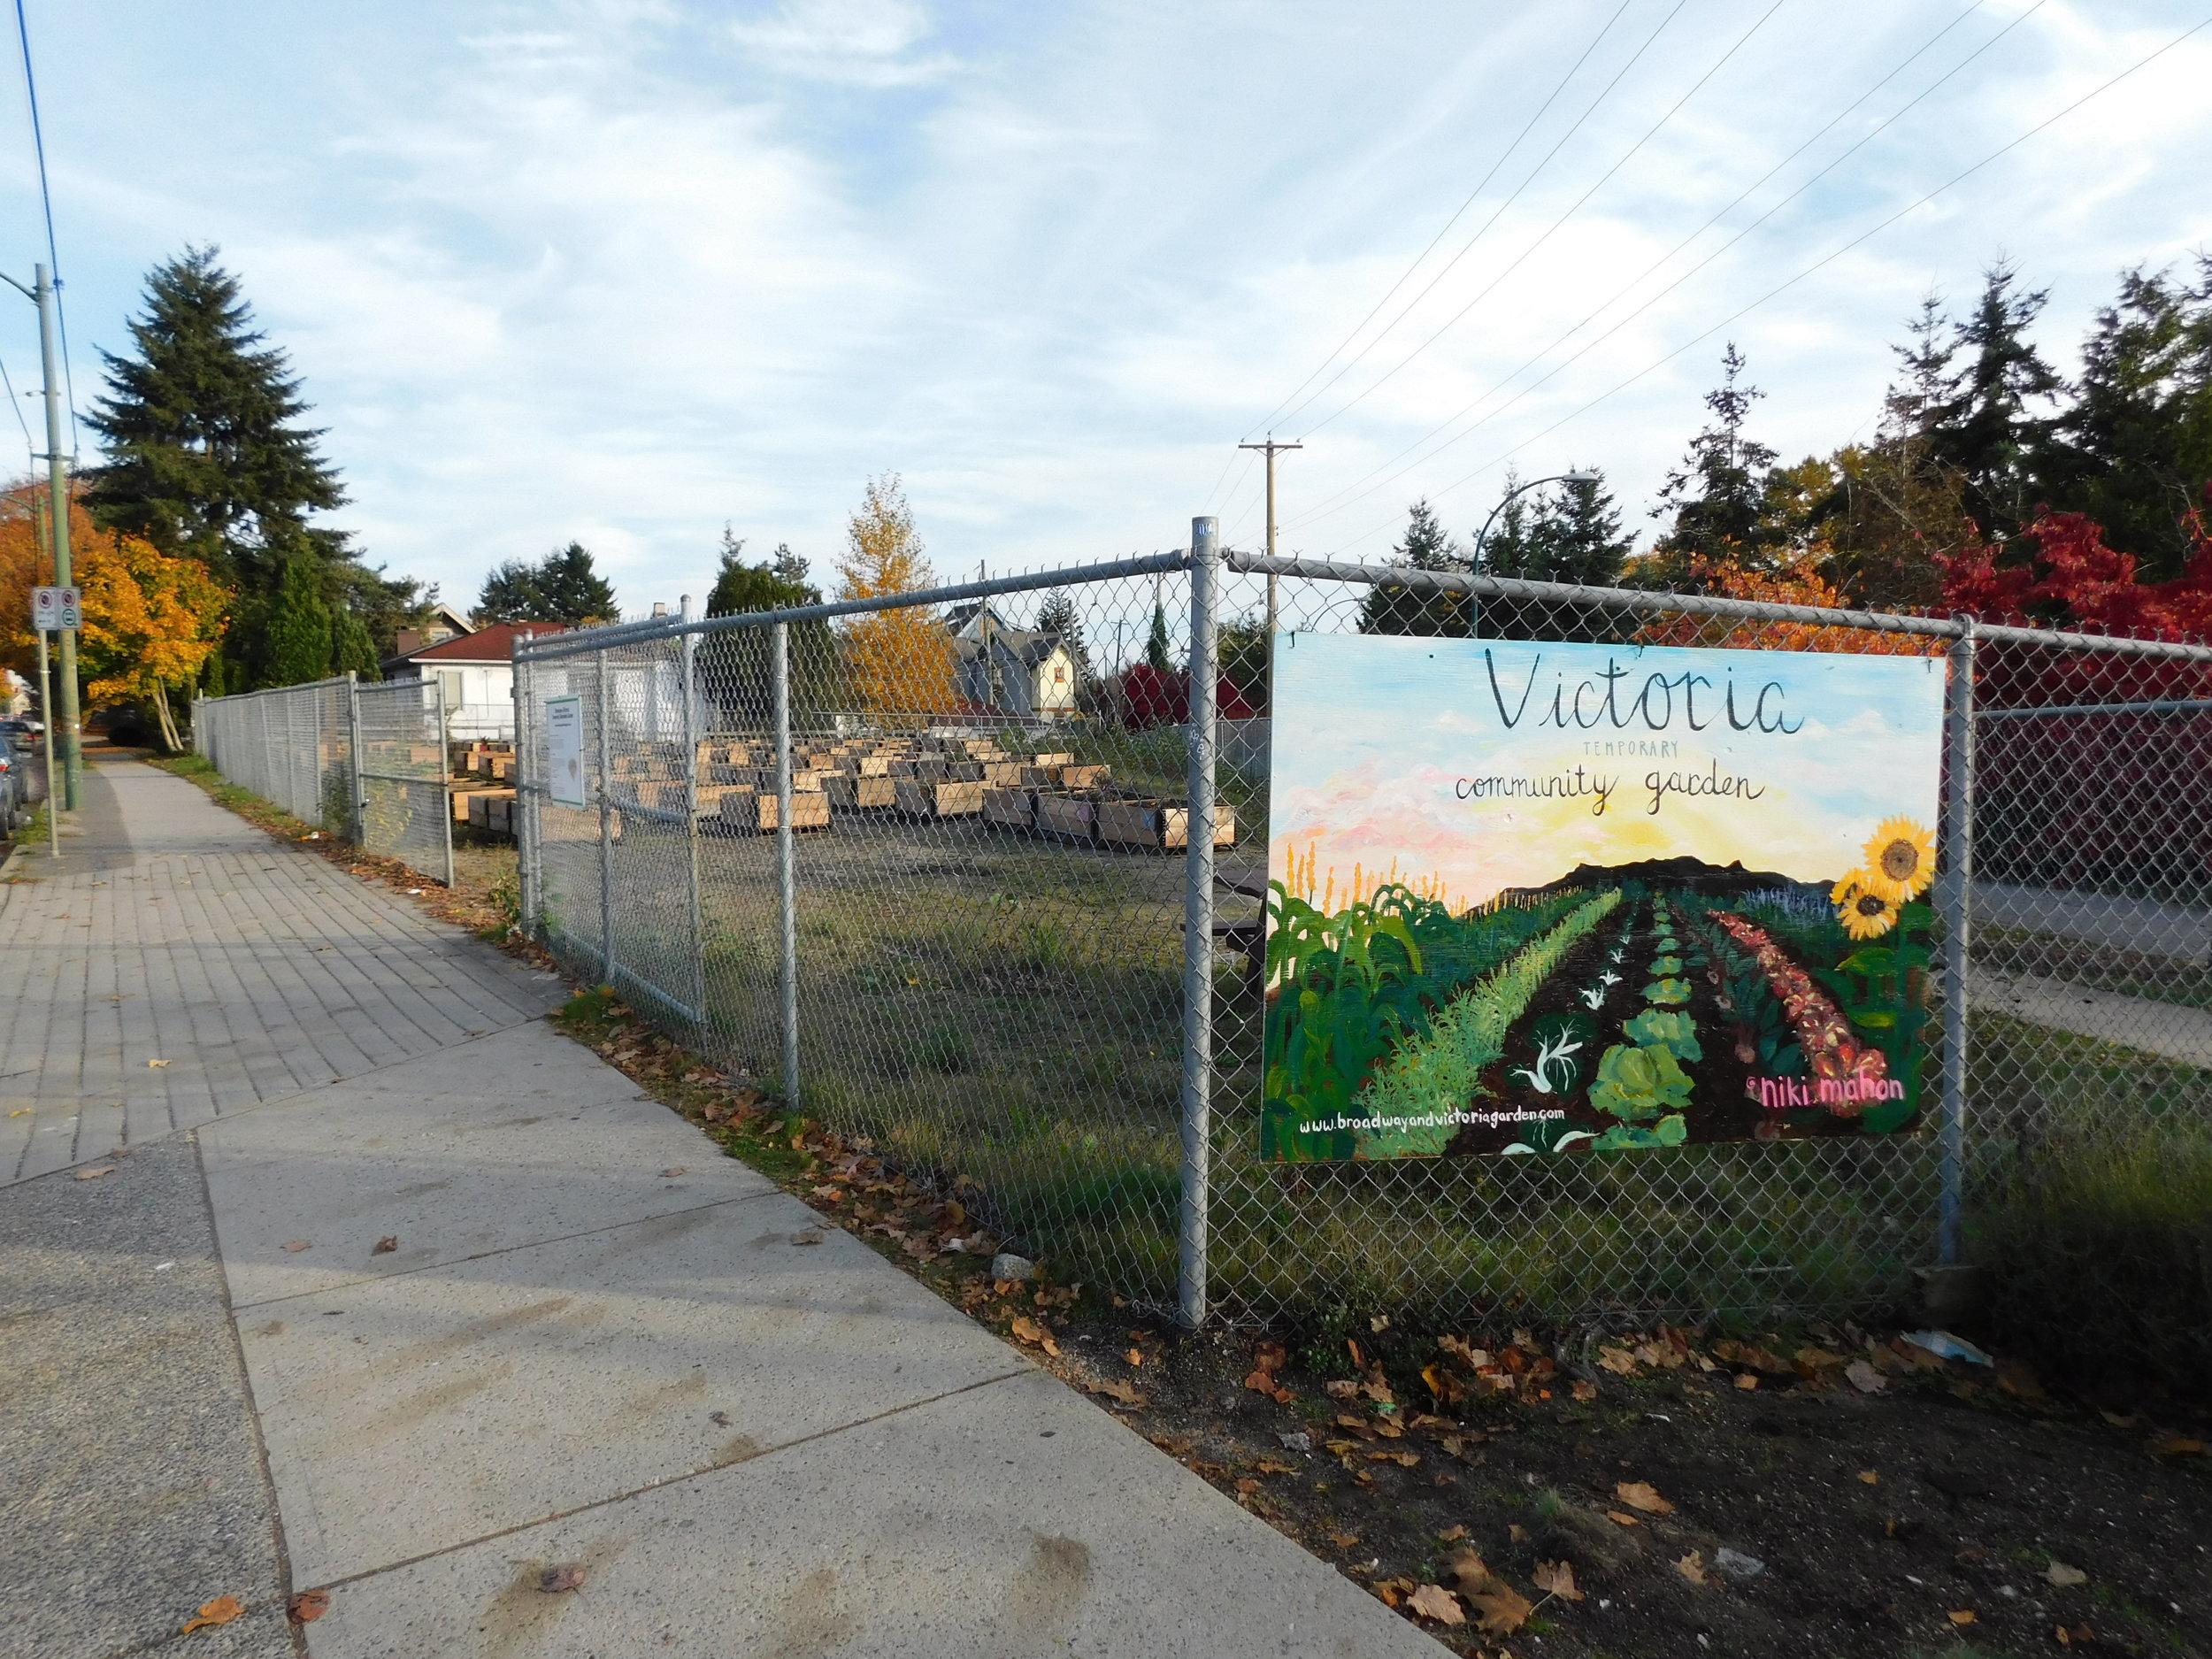 Victoria_Broadway_Vancouver_Community_Garden_Builders-0015.JPG